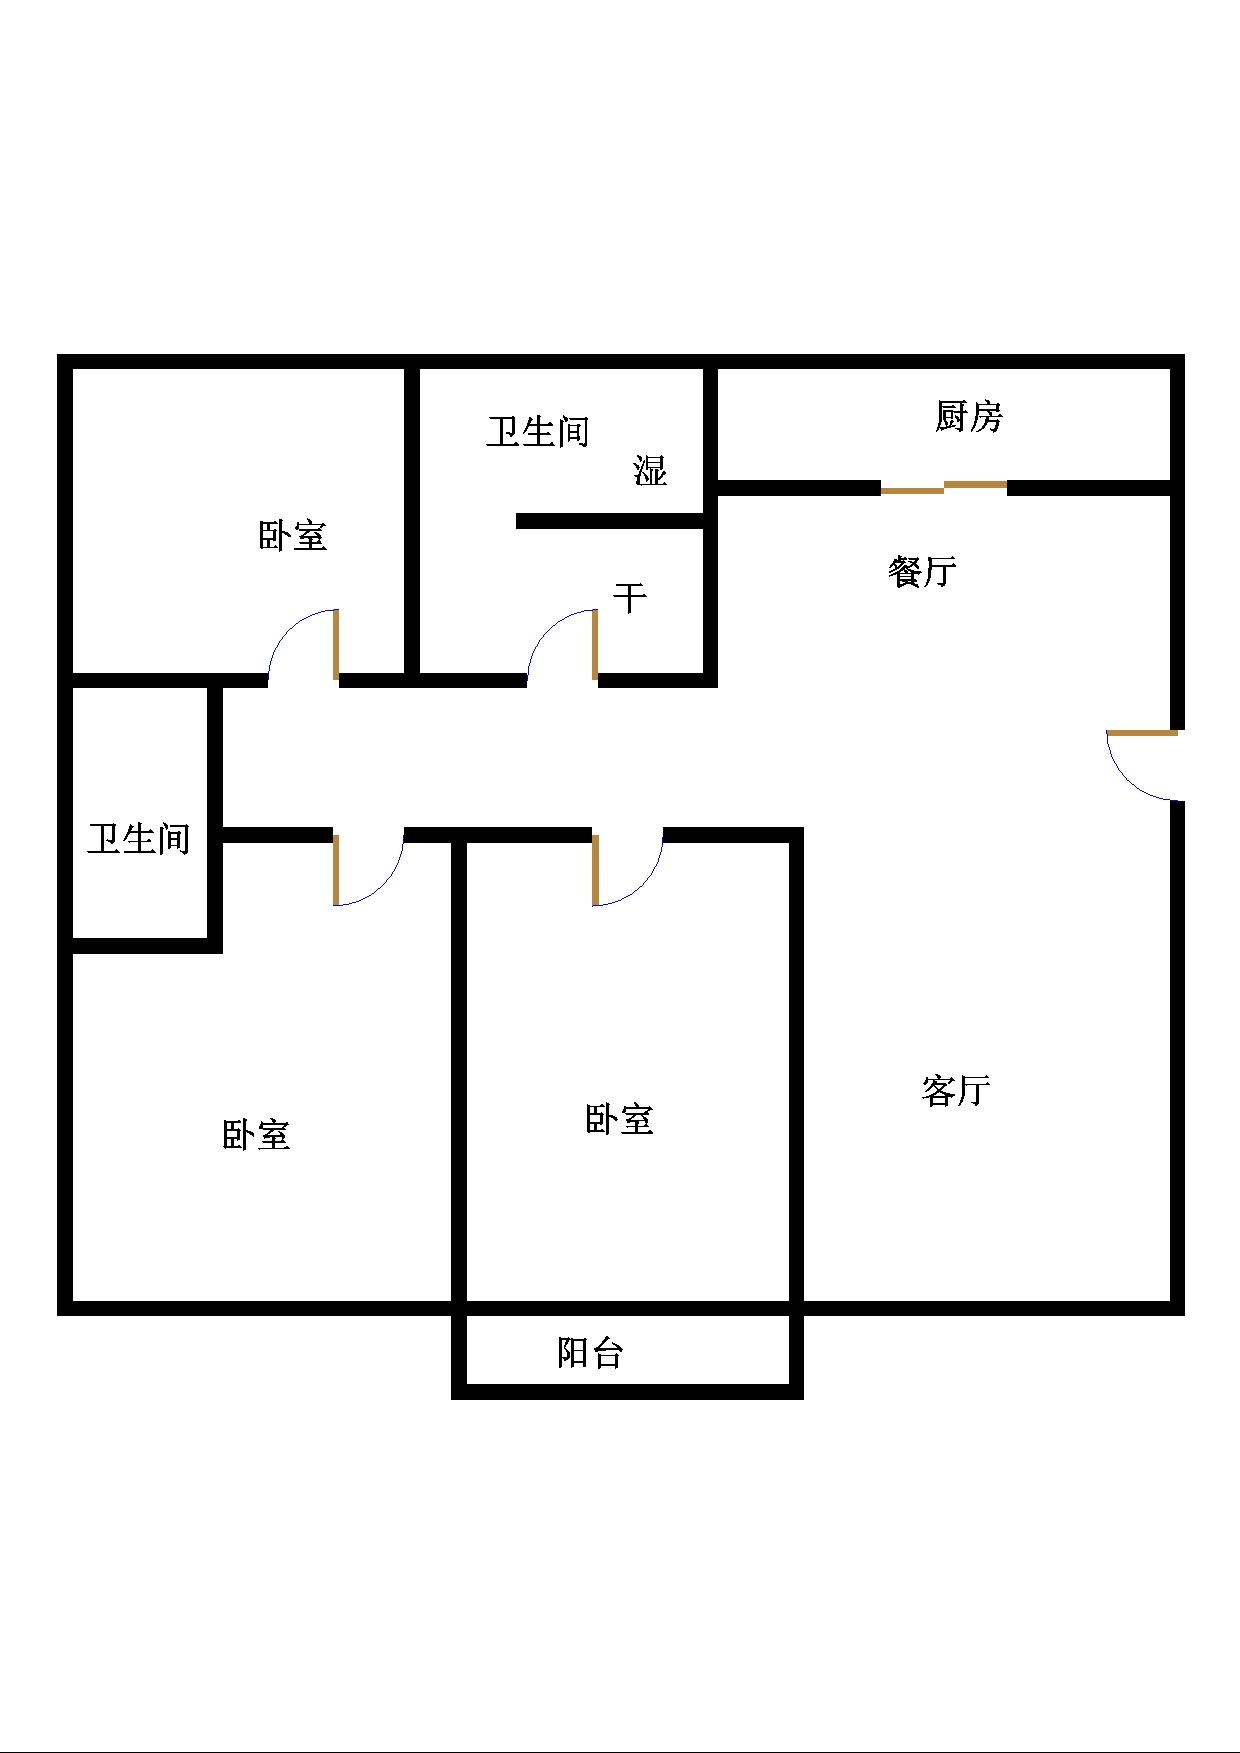 南龙国际花园 3室2厅 双证齐全过五年 简装 125万